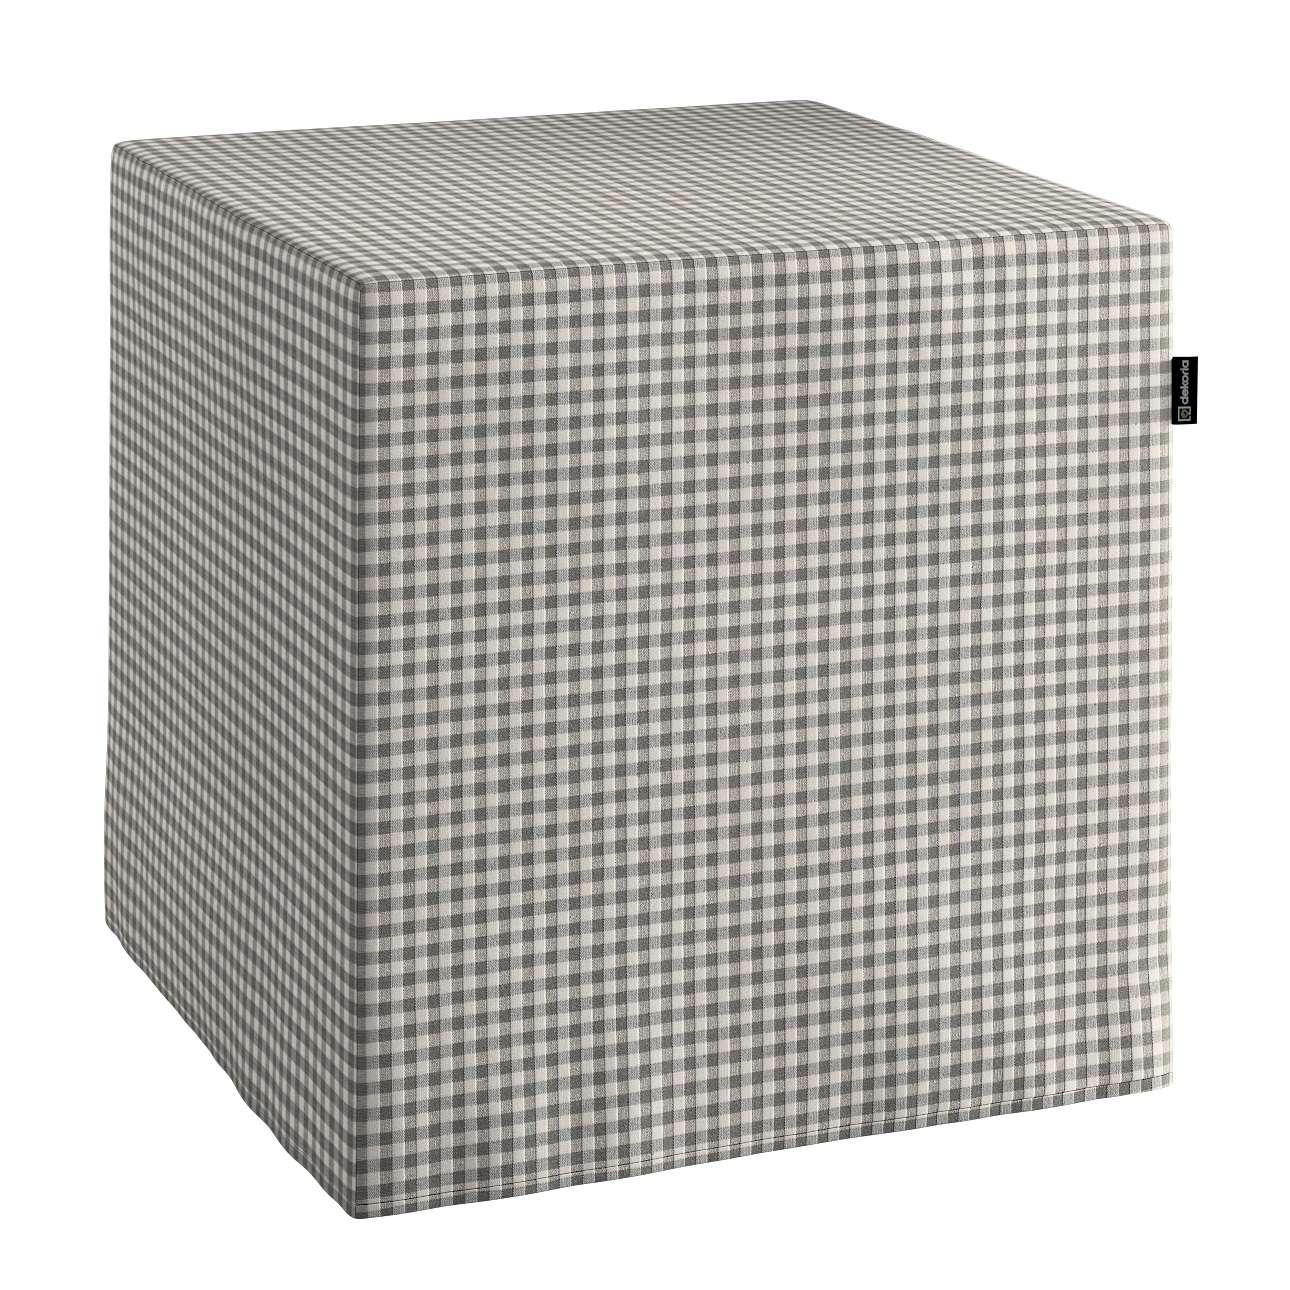 Sedák kostka - pevná 40x40x40 v kolekci Quadro, látka: 136-10